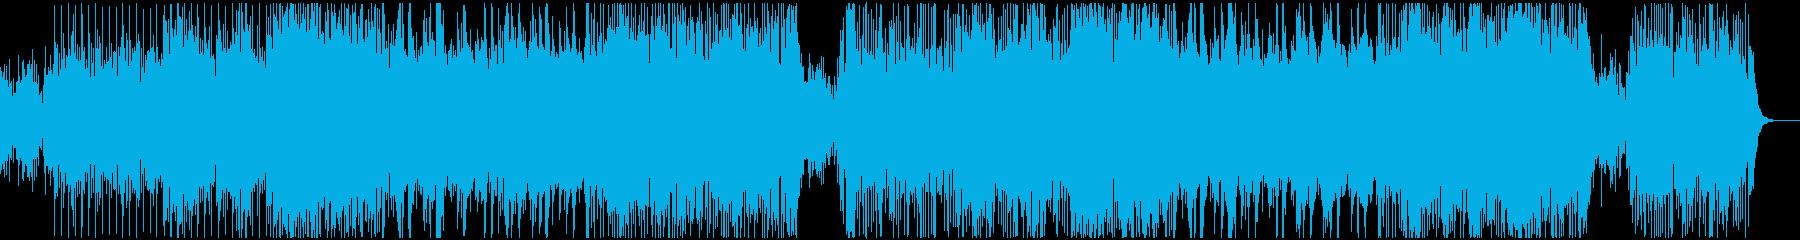 東南アジア風のゆったりとした癒し系BGMの再生済みの波形